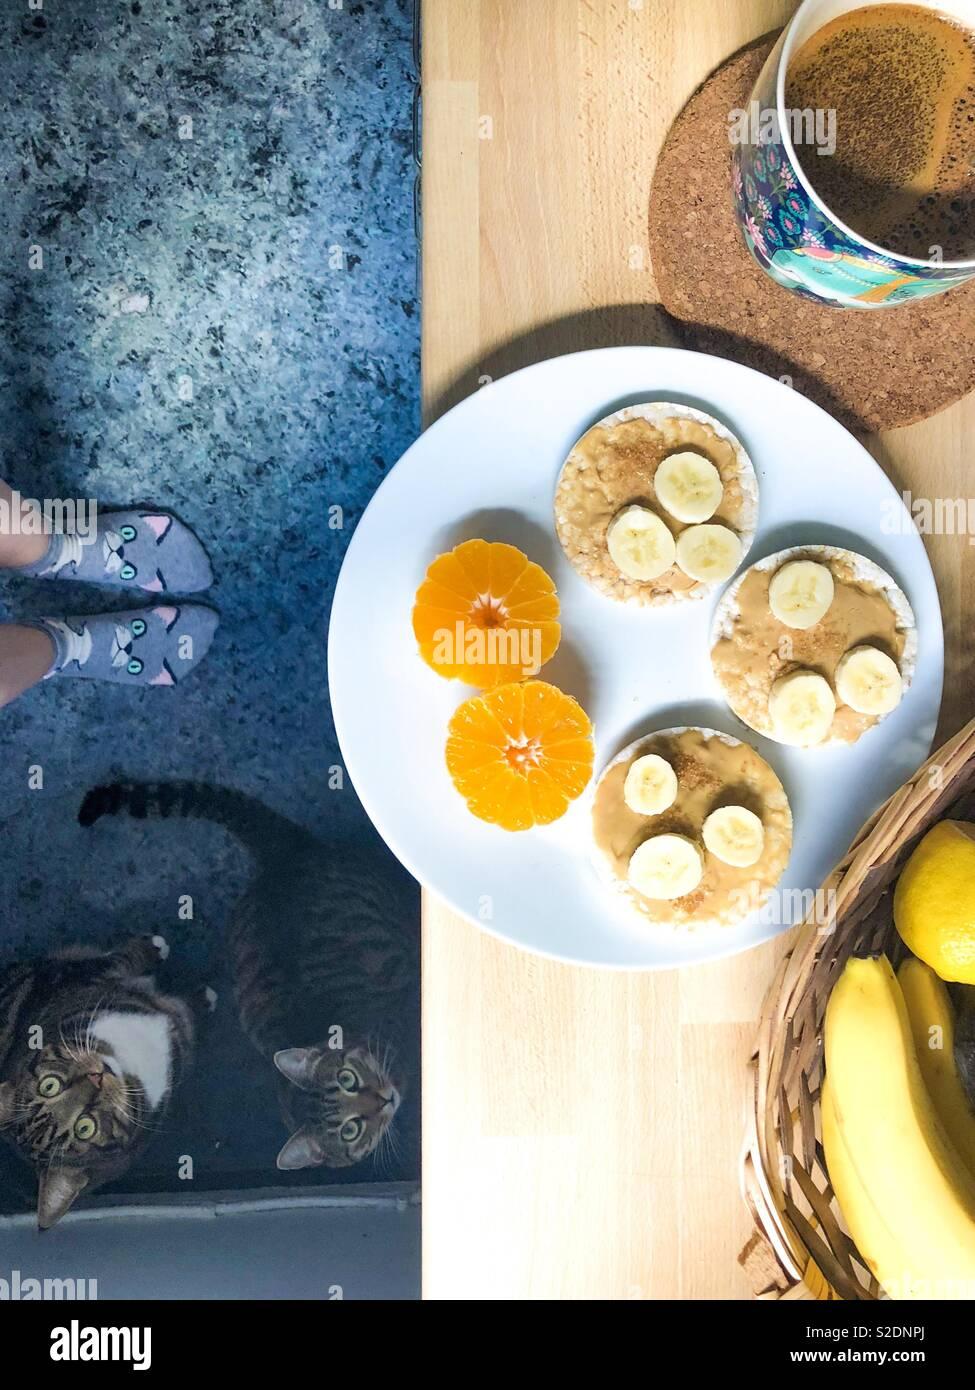 Rotina matinal - pequeno-almoço e dois gatos como uma empresa Imagens de Stock